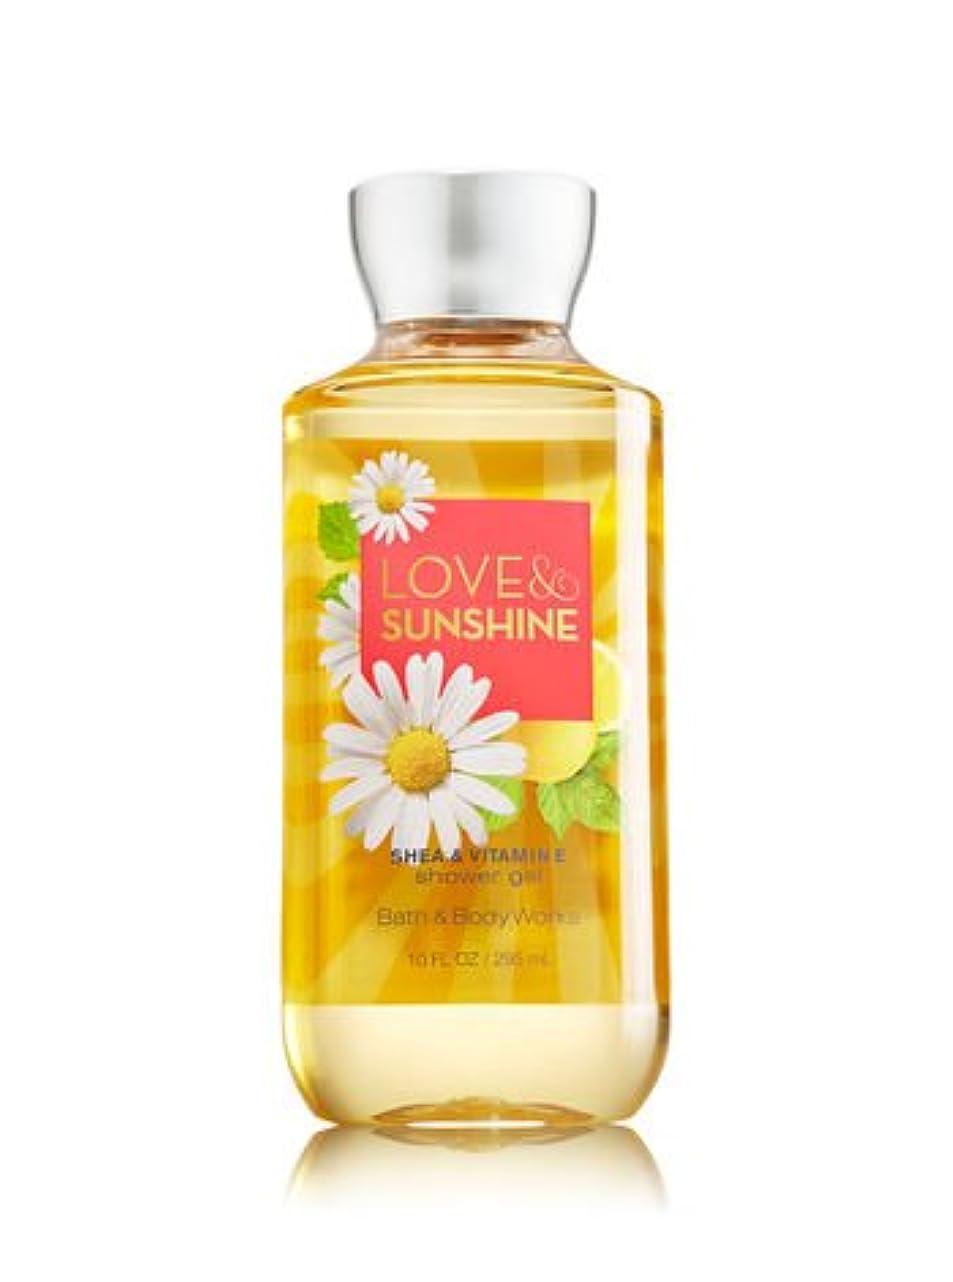 ゴネリル九月クラブ【Bath&Body Works/バス&ボディワークス】 シャワージェル ラブ&サンシャイン Shower Gel Love & Sunshine 10 fl oz / 295 mL [並行輸入品]